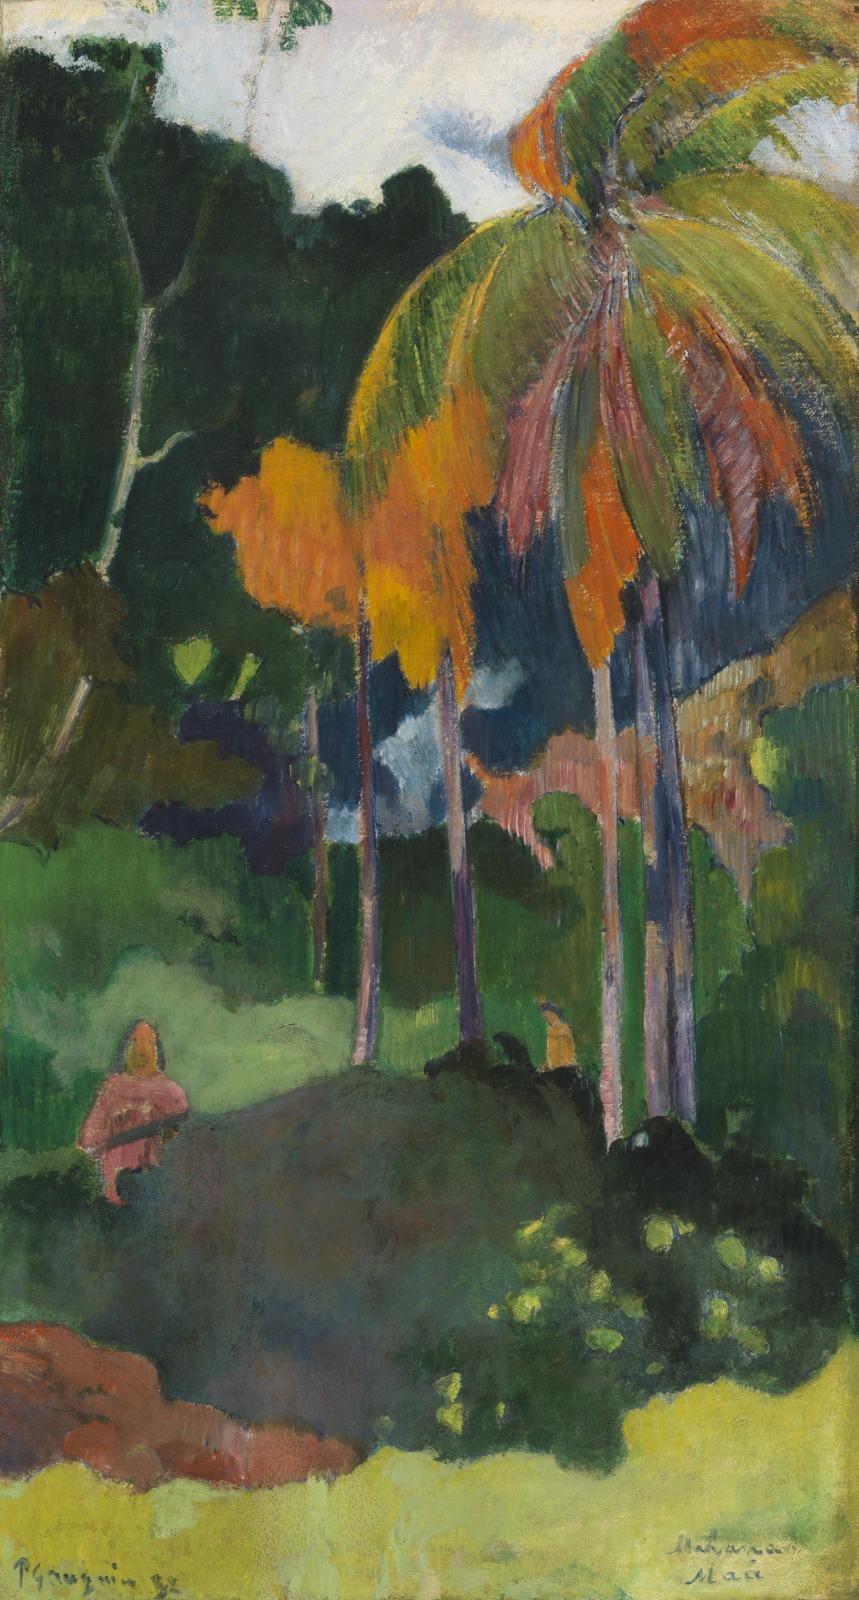 Paul Gauguin, The Moment of Truth (Mahana Ma'a), 1892, Cincinnati Art Museum, Cincinnati, OH, USA.